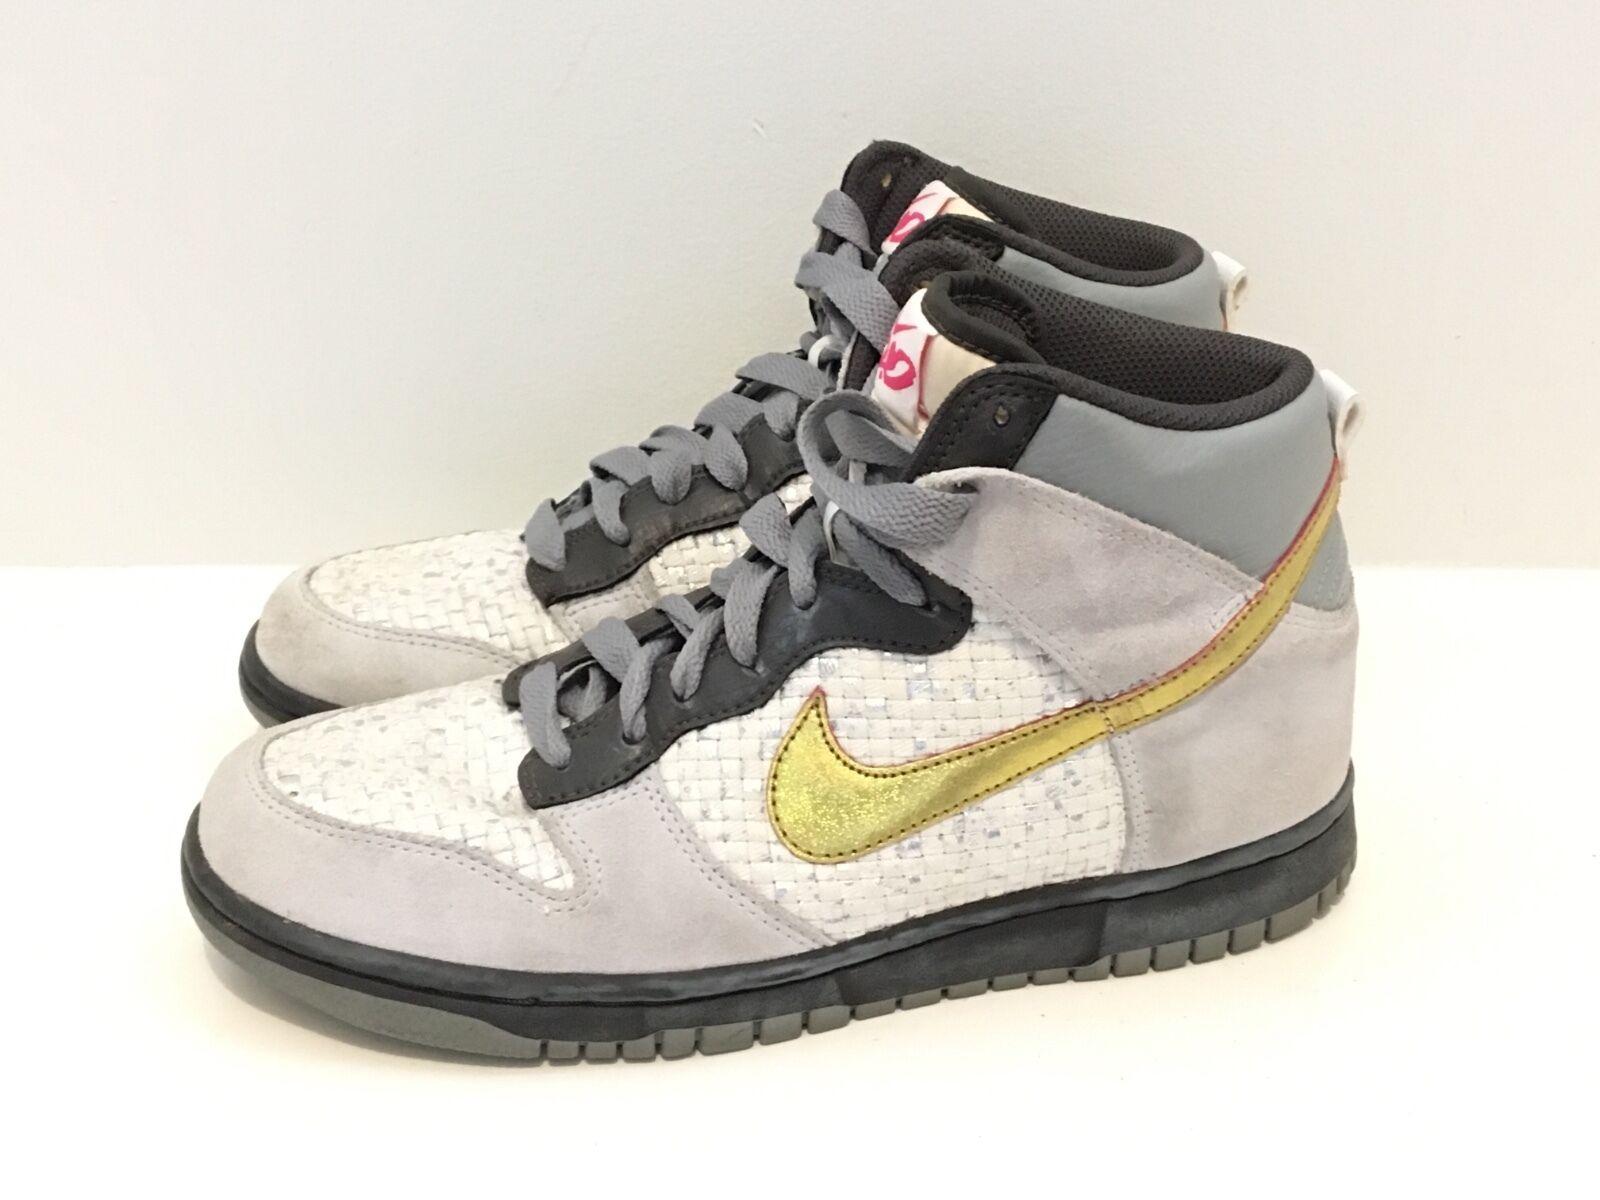 Nike Gold Glitter Sneakers Women Nike Shoes 2018  68855a0dd481